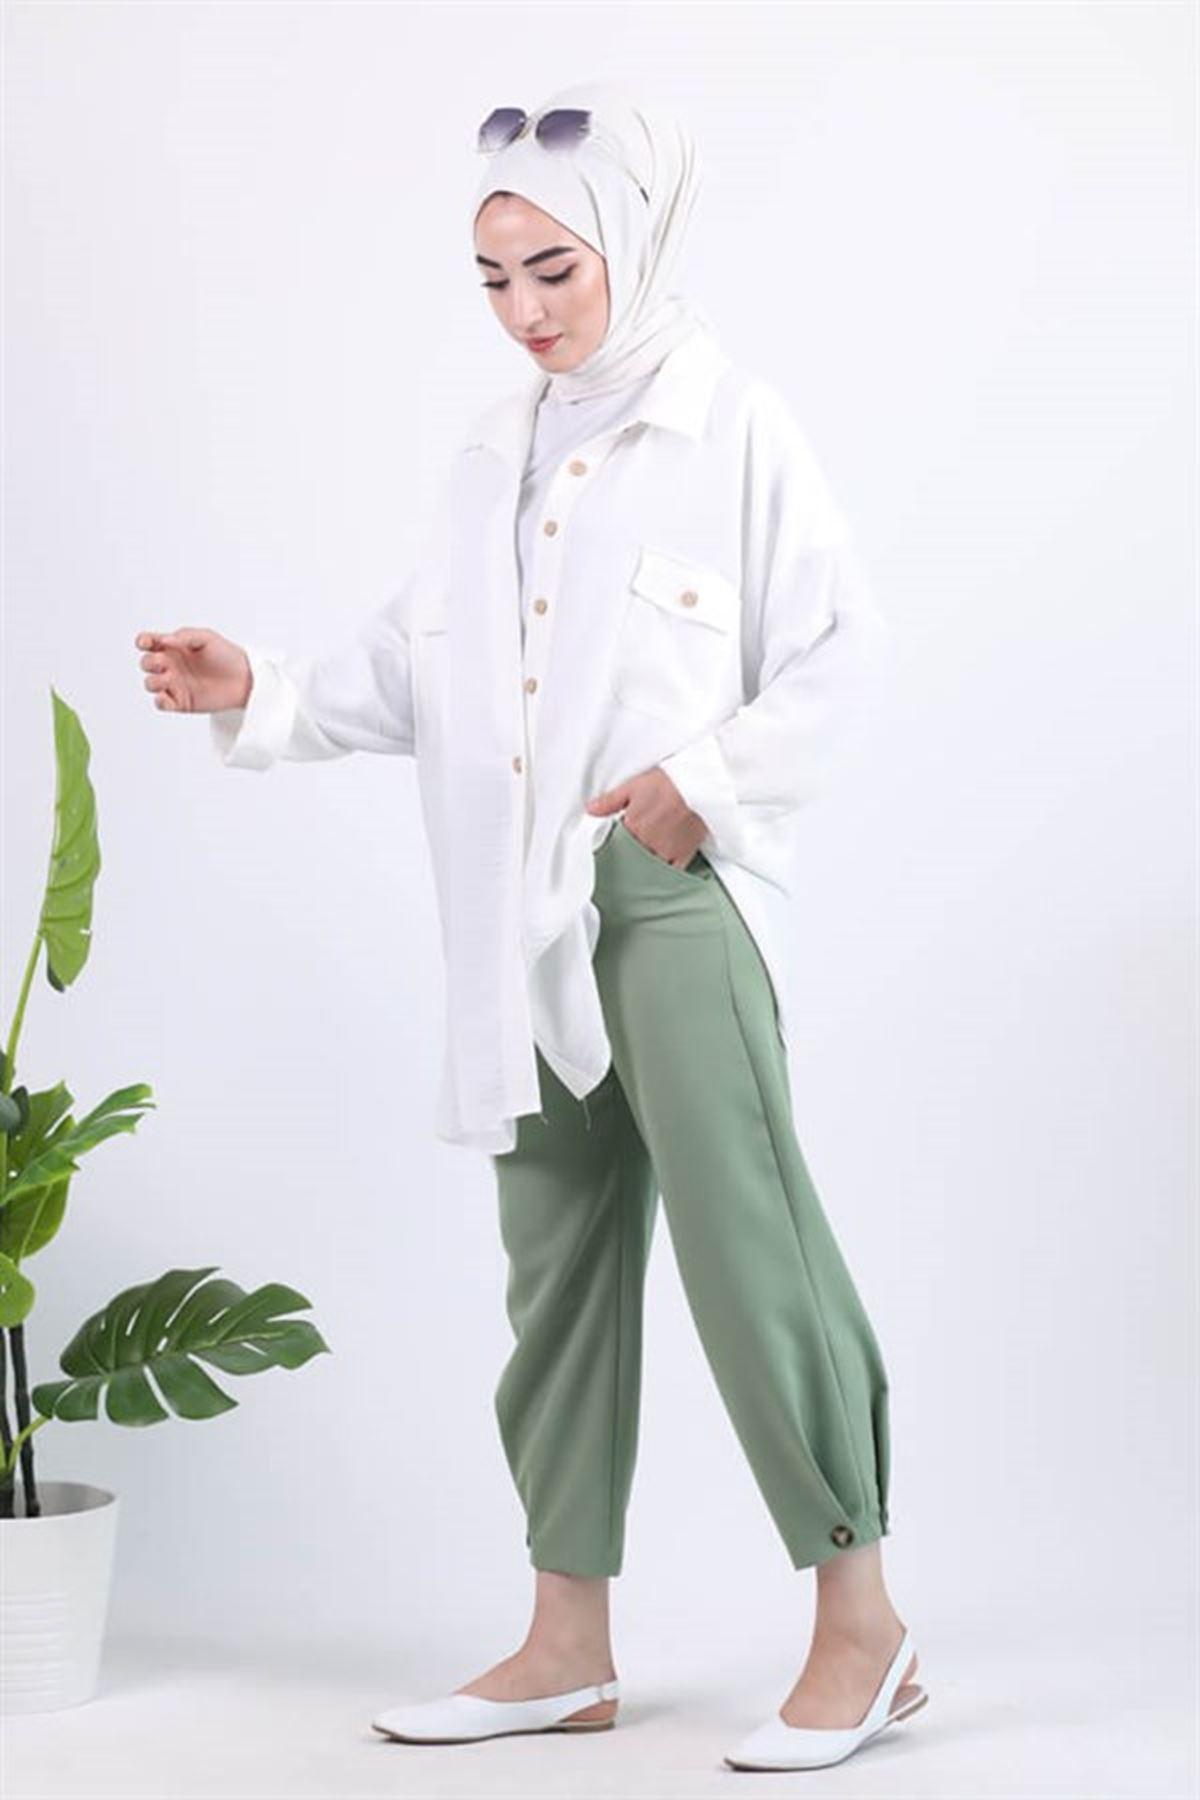 Kadın Bileği Düğme Detaylı Pantolon - Yeşil